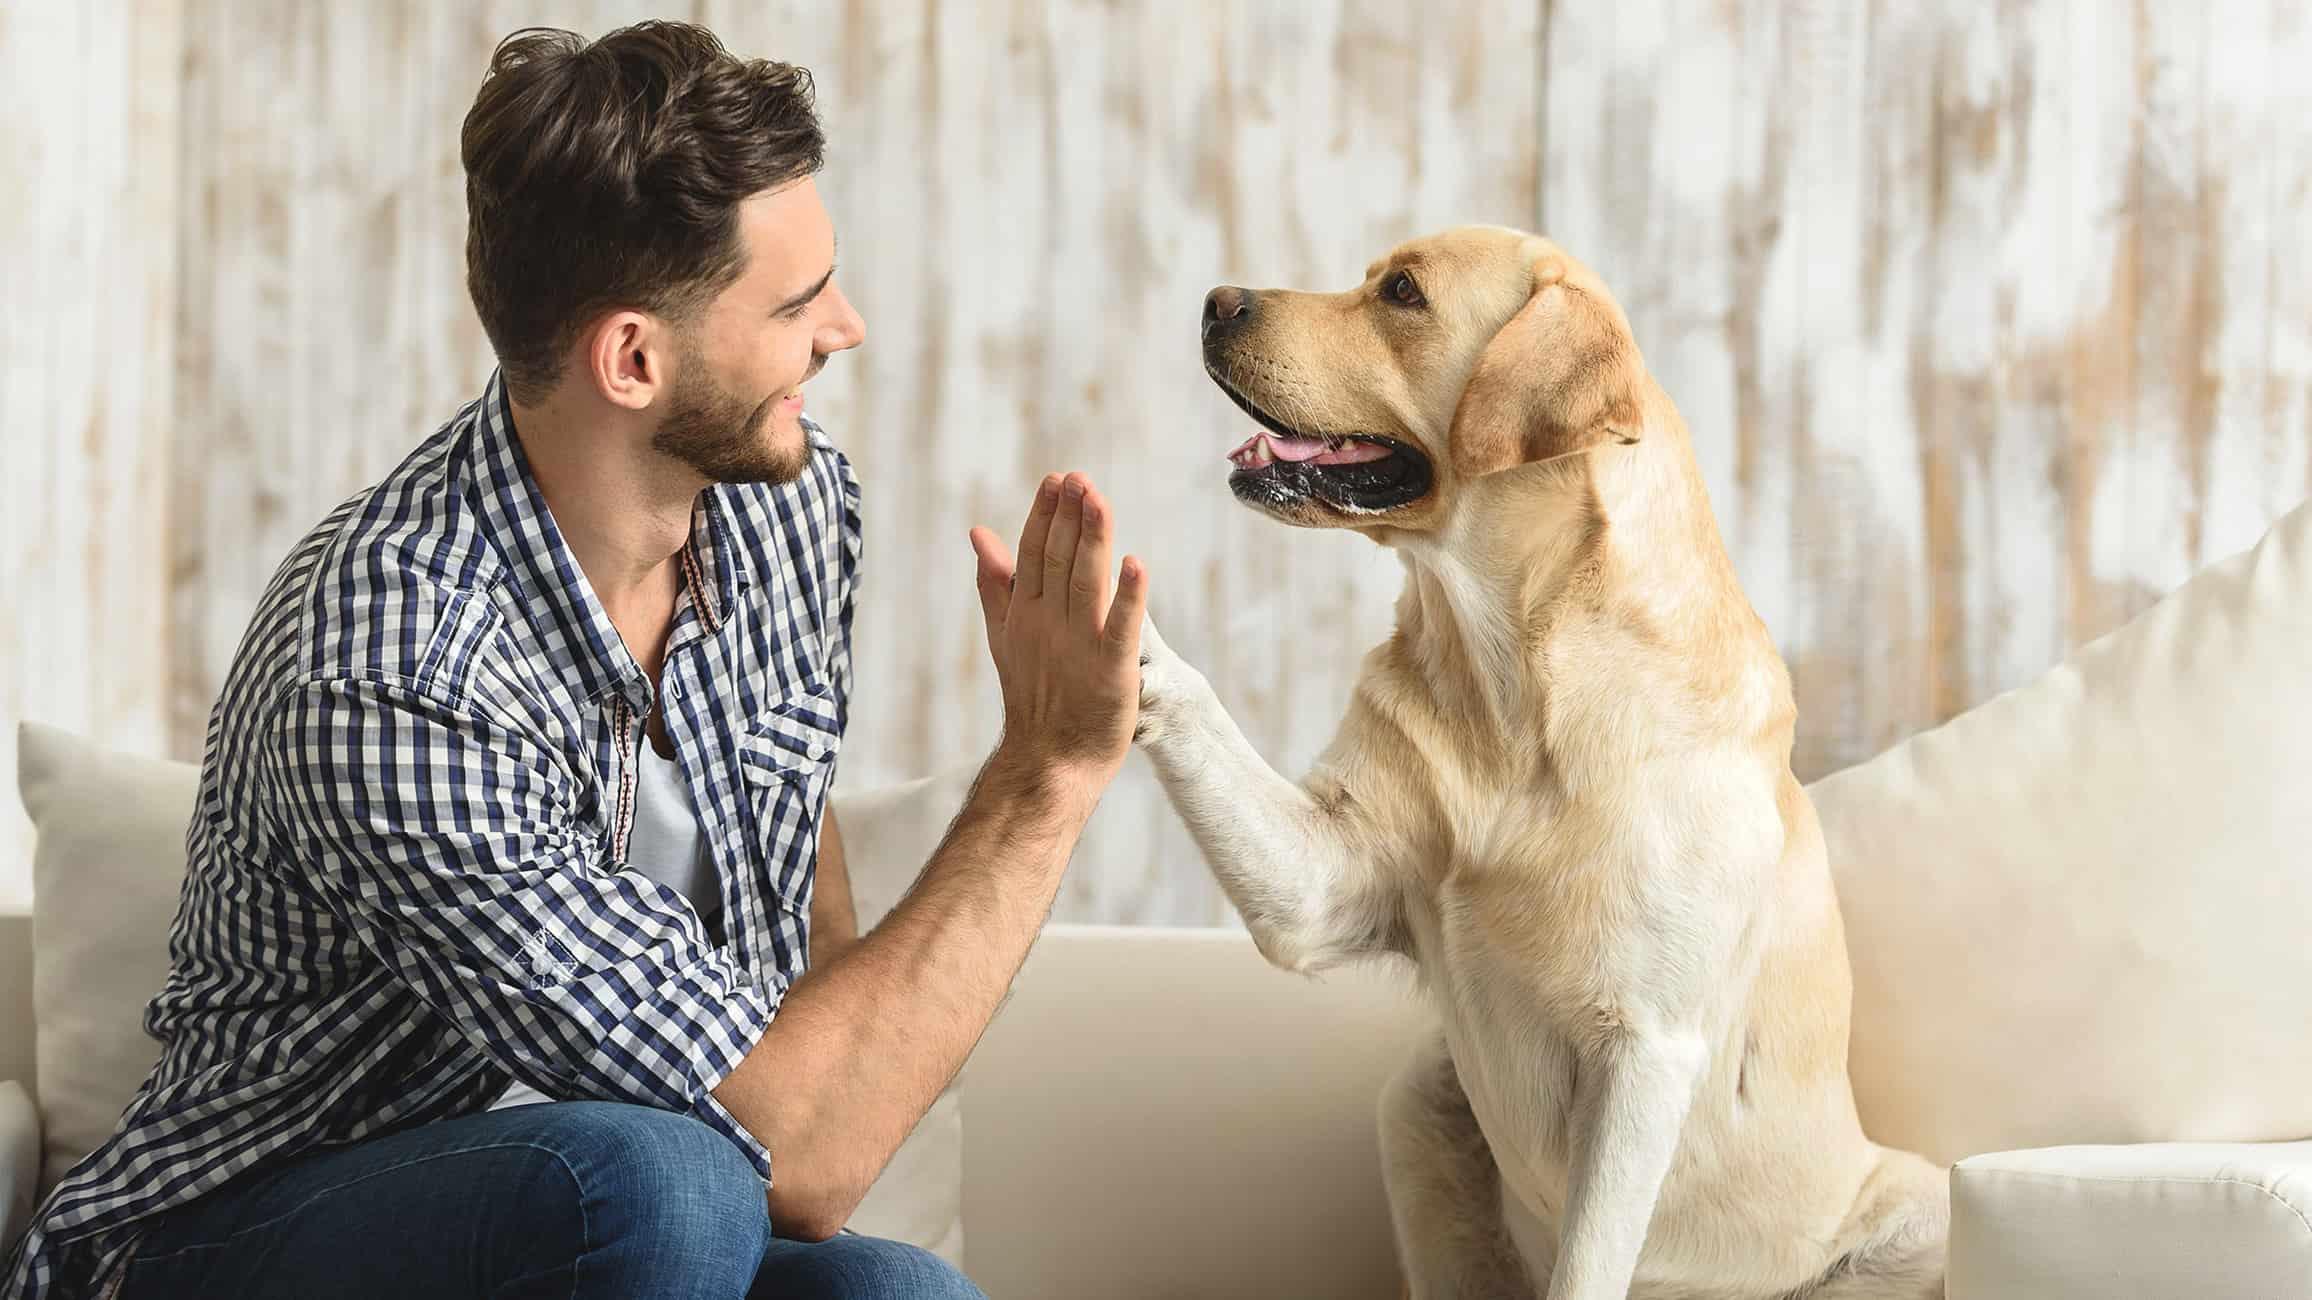 Versicherungen für Tiere - Mehrwert für Tiere